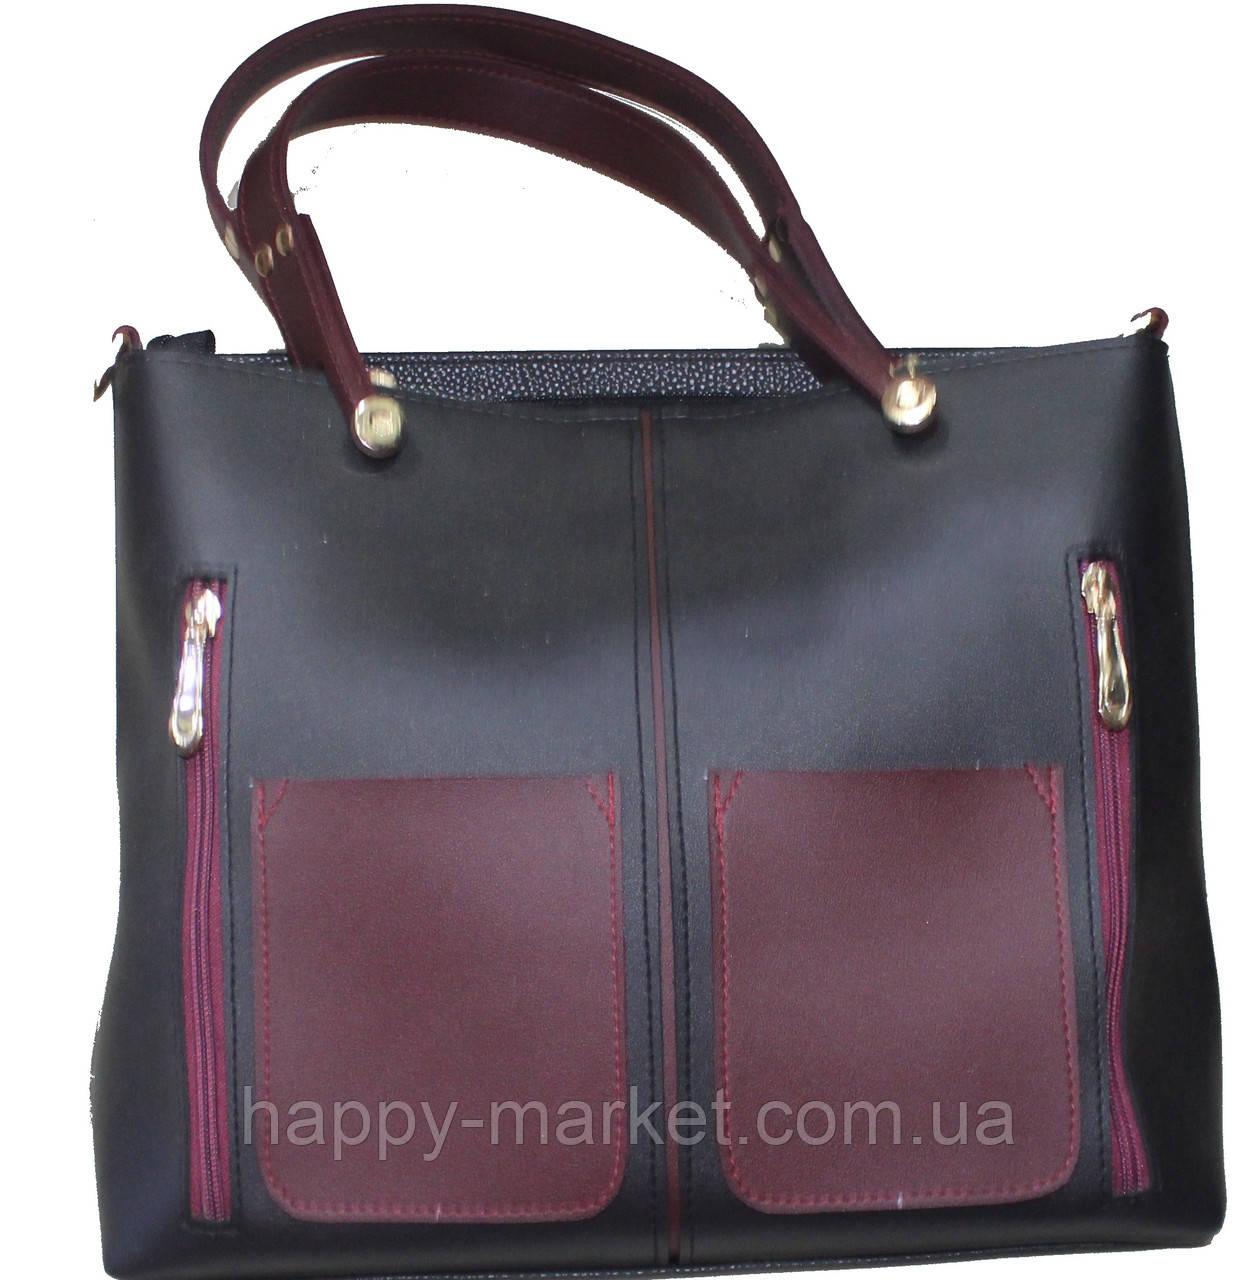 d58a12778c27 Сумка женская стильная экко-кожа 18-20-1, цена 800 грн., купить ...